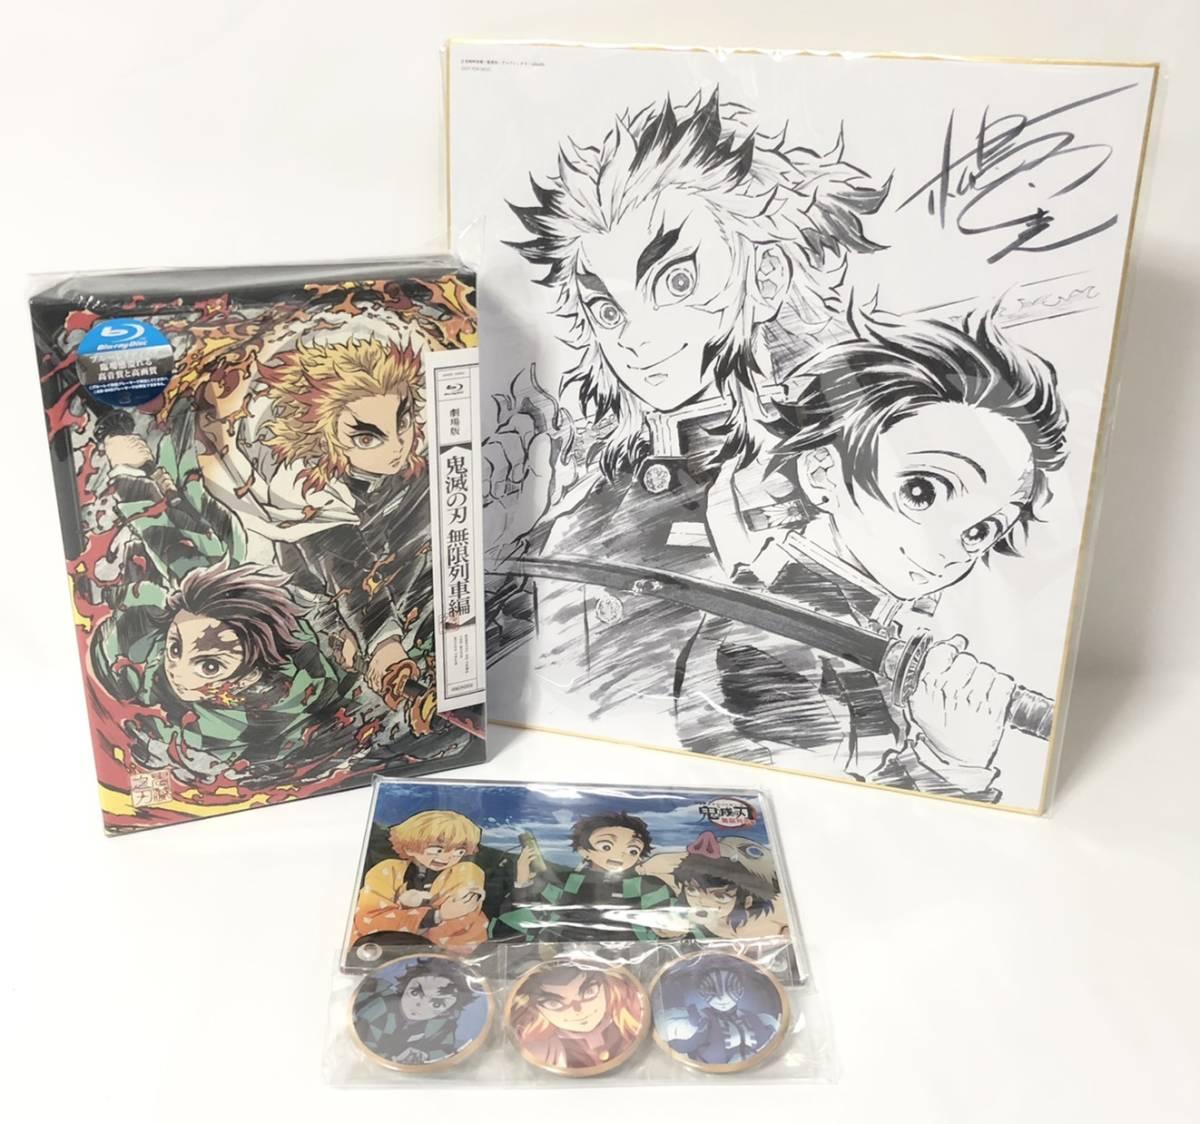 特典付★美品 劇場版 鬼滅の刃 無限列車編 完全生産限定 Blu-ray